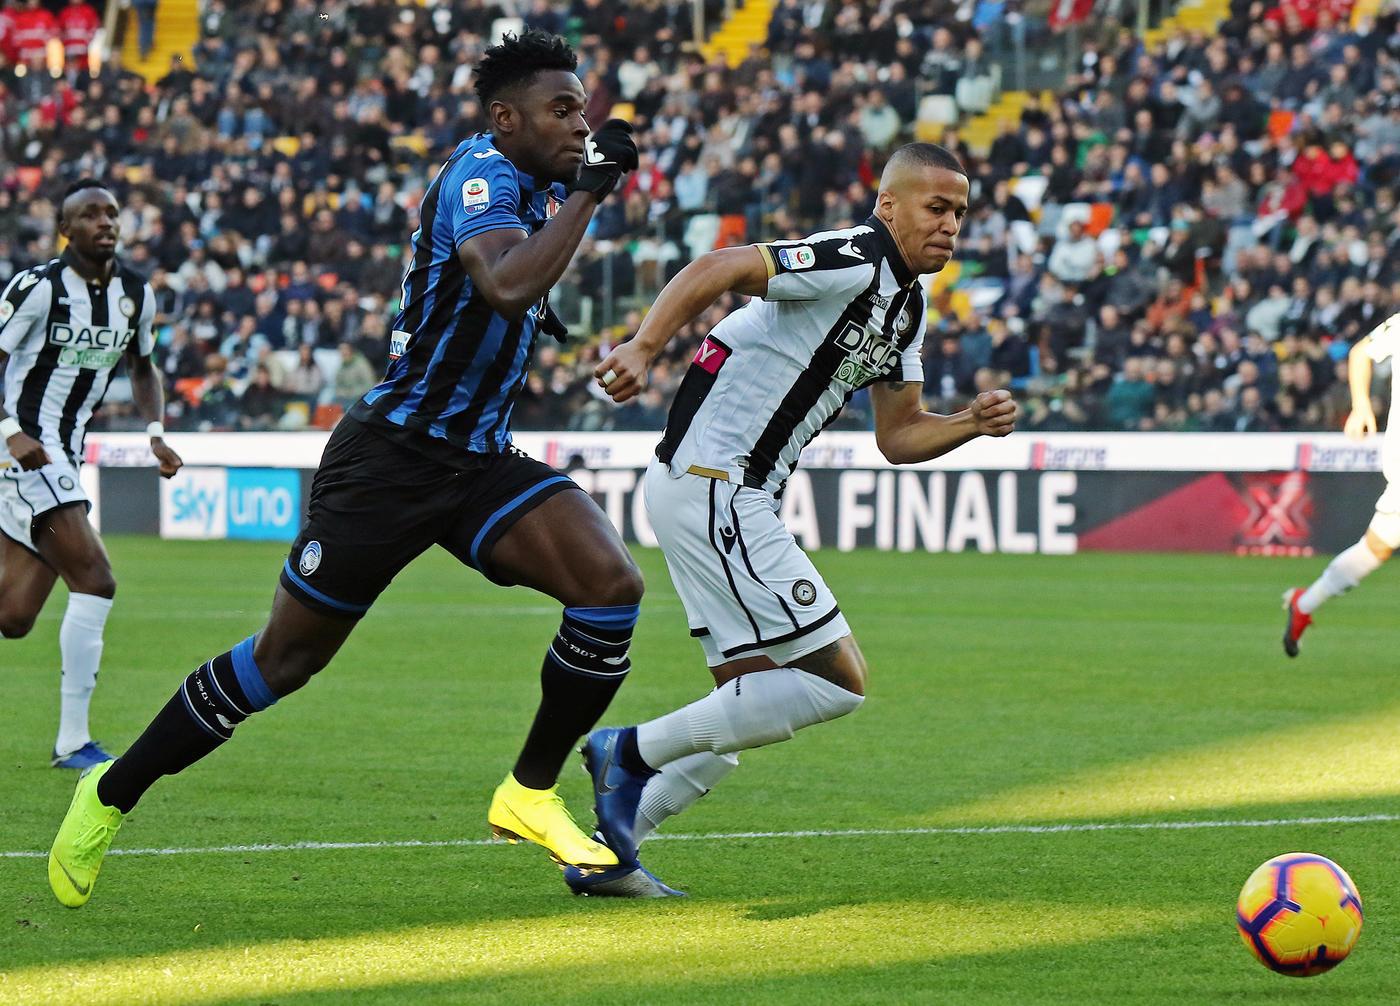 L'Atalanta vince 3-1 alla Dacia Arena